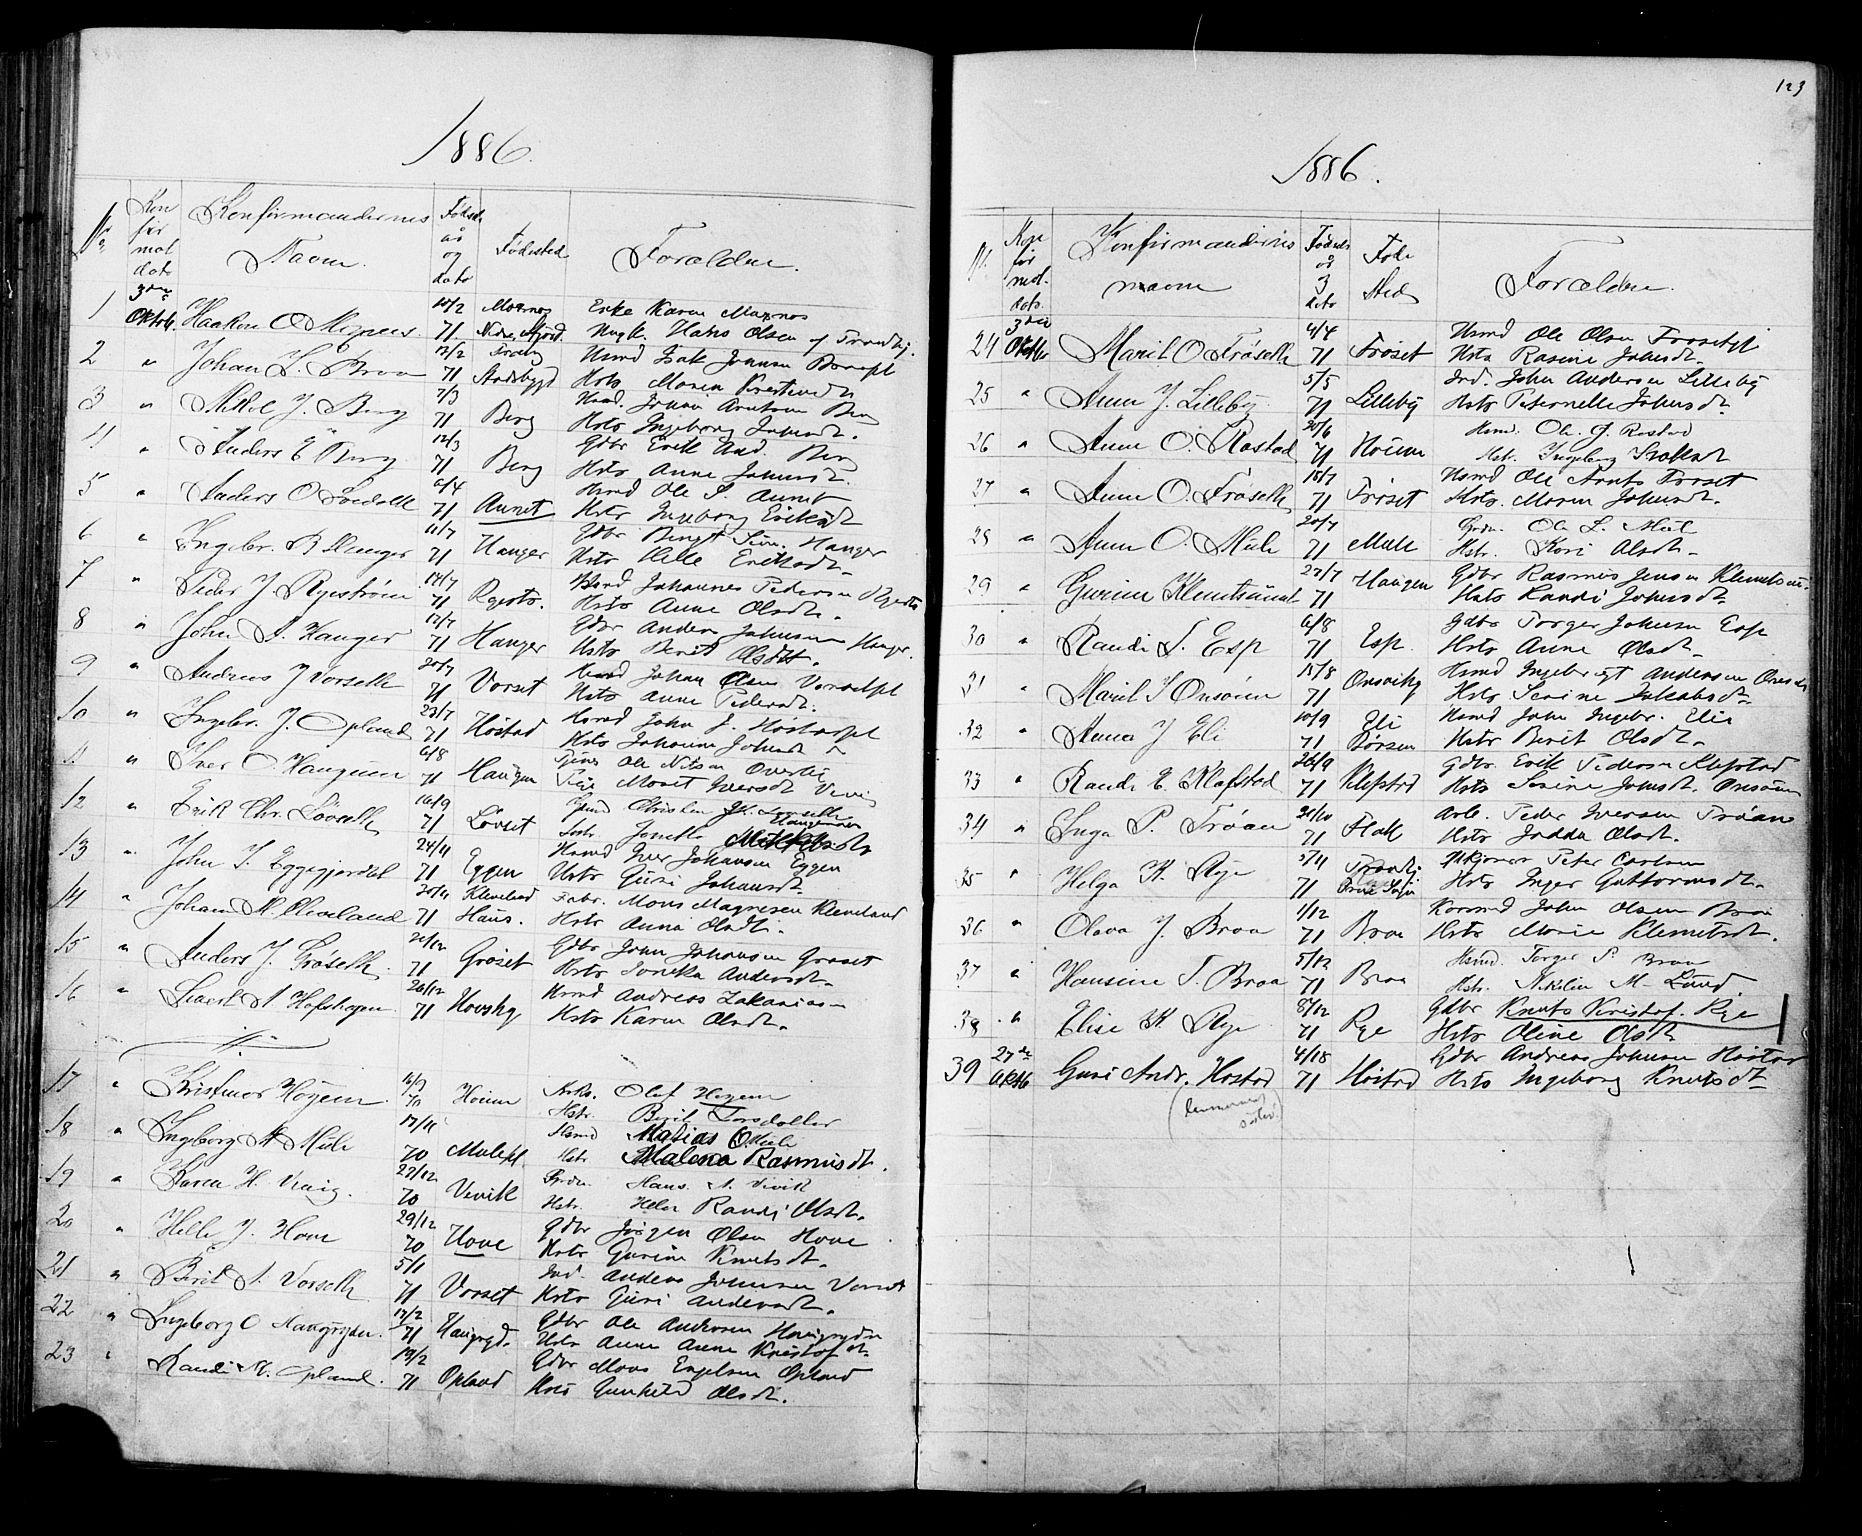 SAT, Ministerialprotokoller, klokkerbøker og fødselsregistre - Sør-Trøndelag, 612/L0387: Klokkerbok nr. 612C03, 1874-1908, s. 123